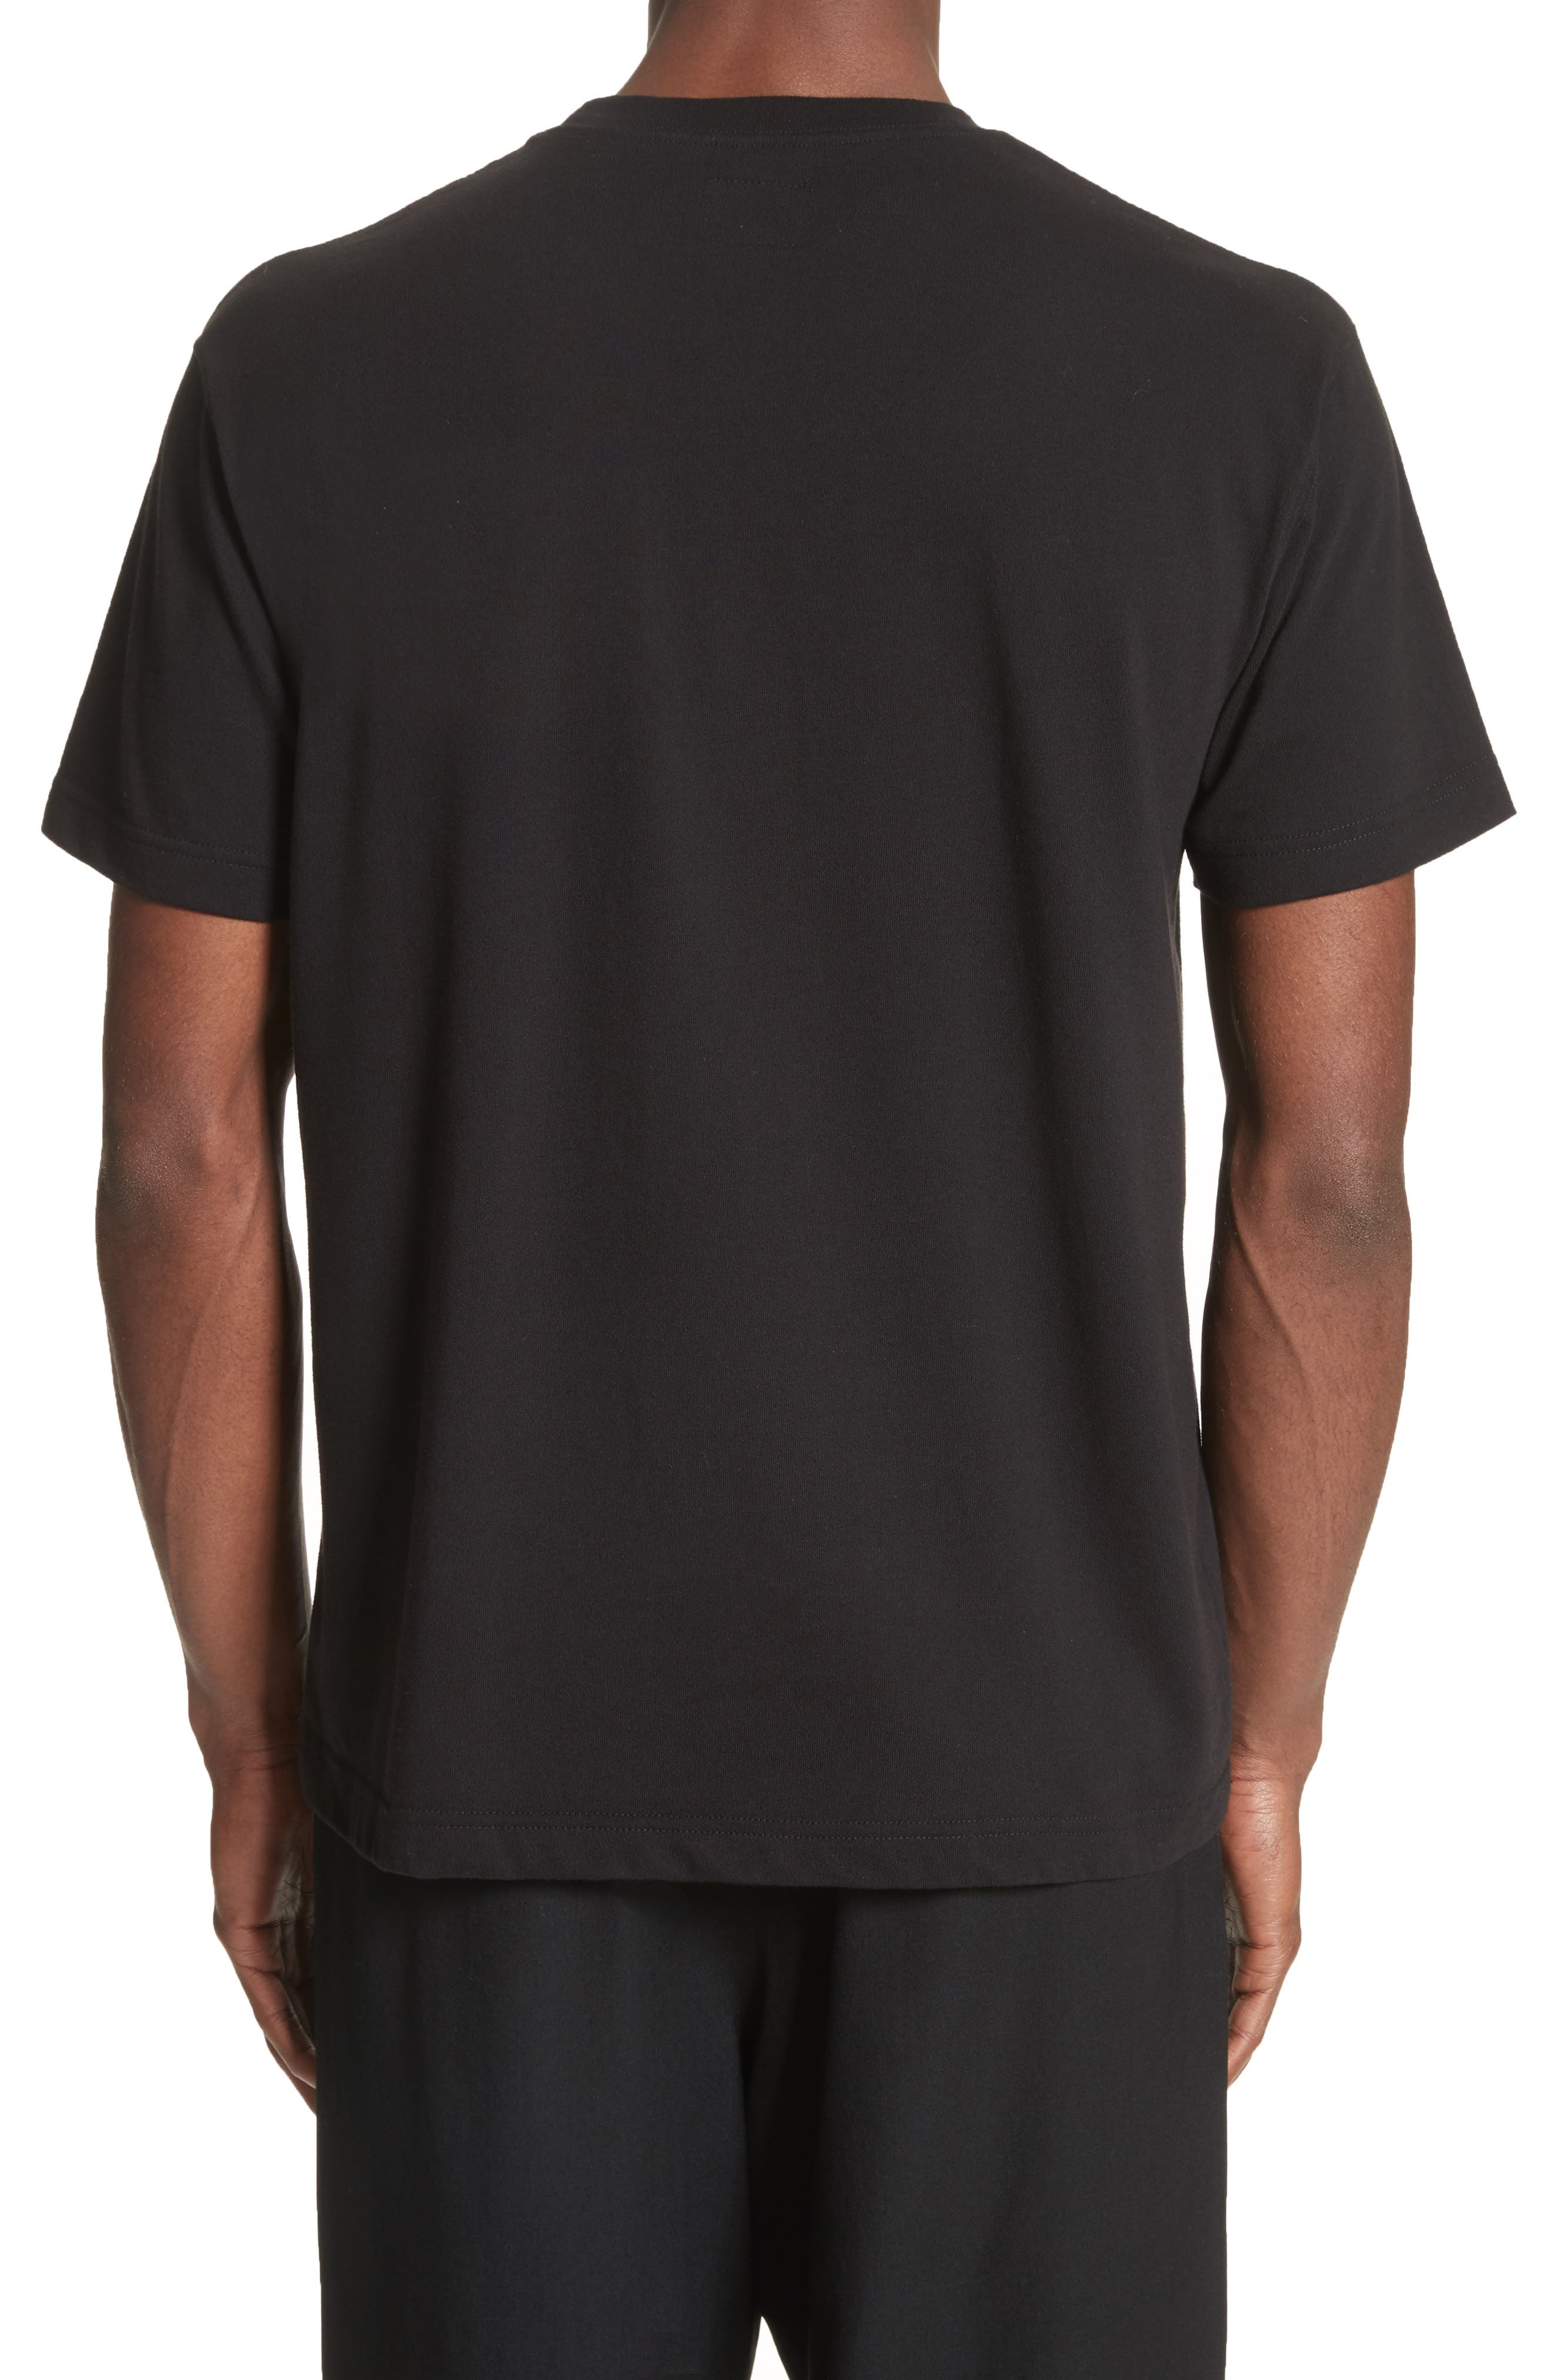 Alternate Image 2  - Yohji Yamamoto x New Era Embroidered Script T-Shirt